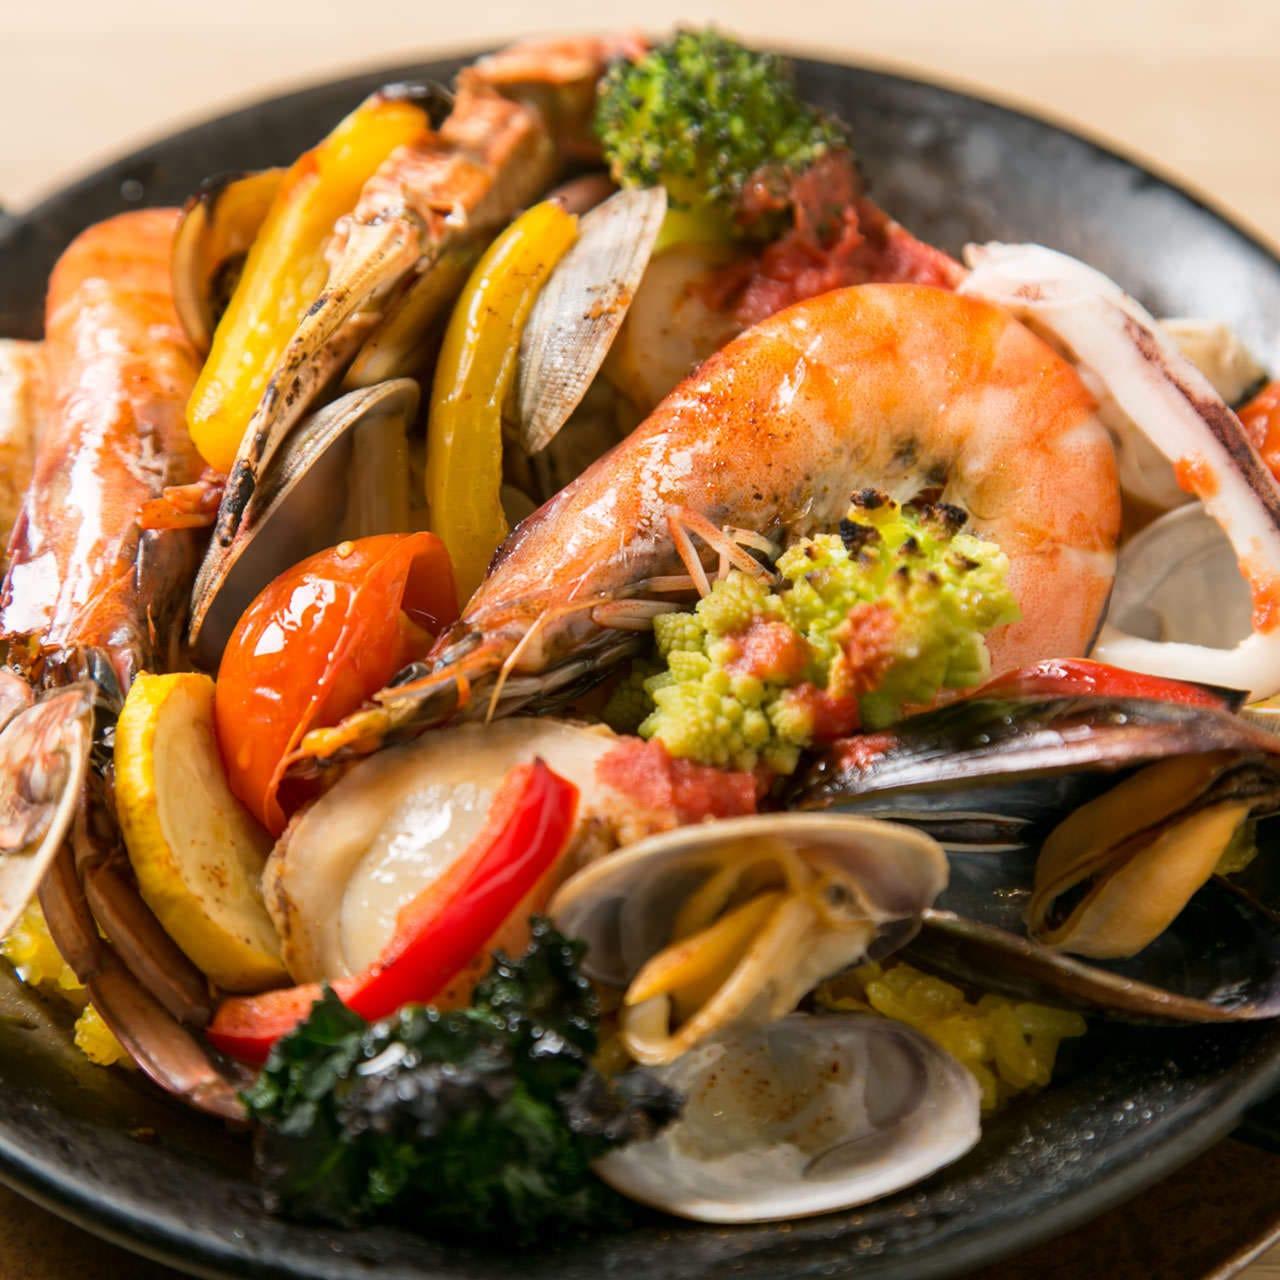 農園野菜や新鮮魚介を鮮やかな一皿に